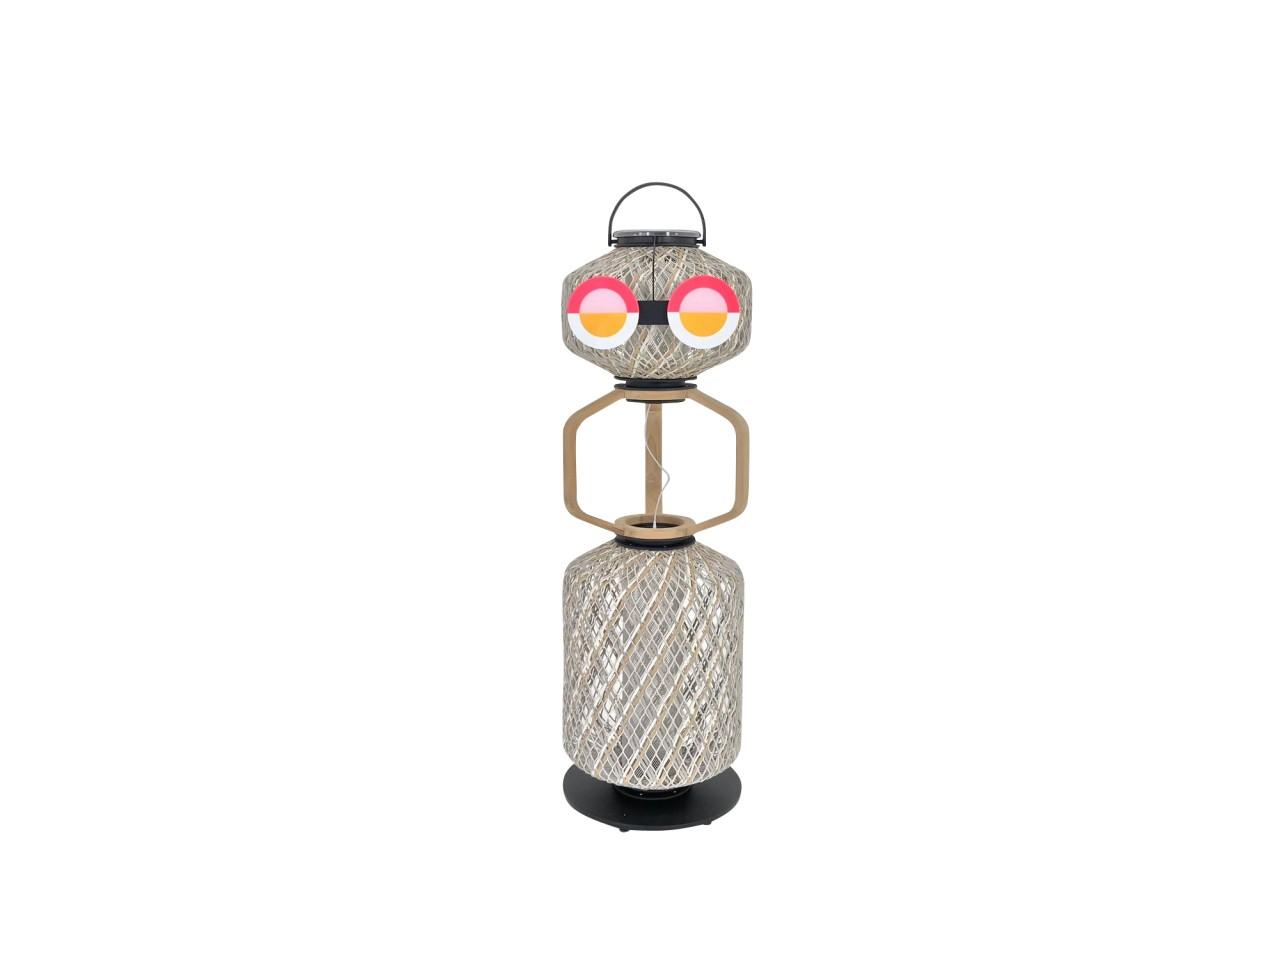 DEDON THE OTHERS Leuchte TOBO Outdoorlampe in cloud mit Teak Einsatz und Sunrise Brille